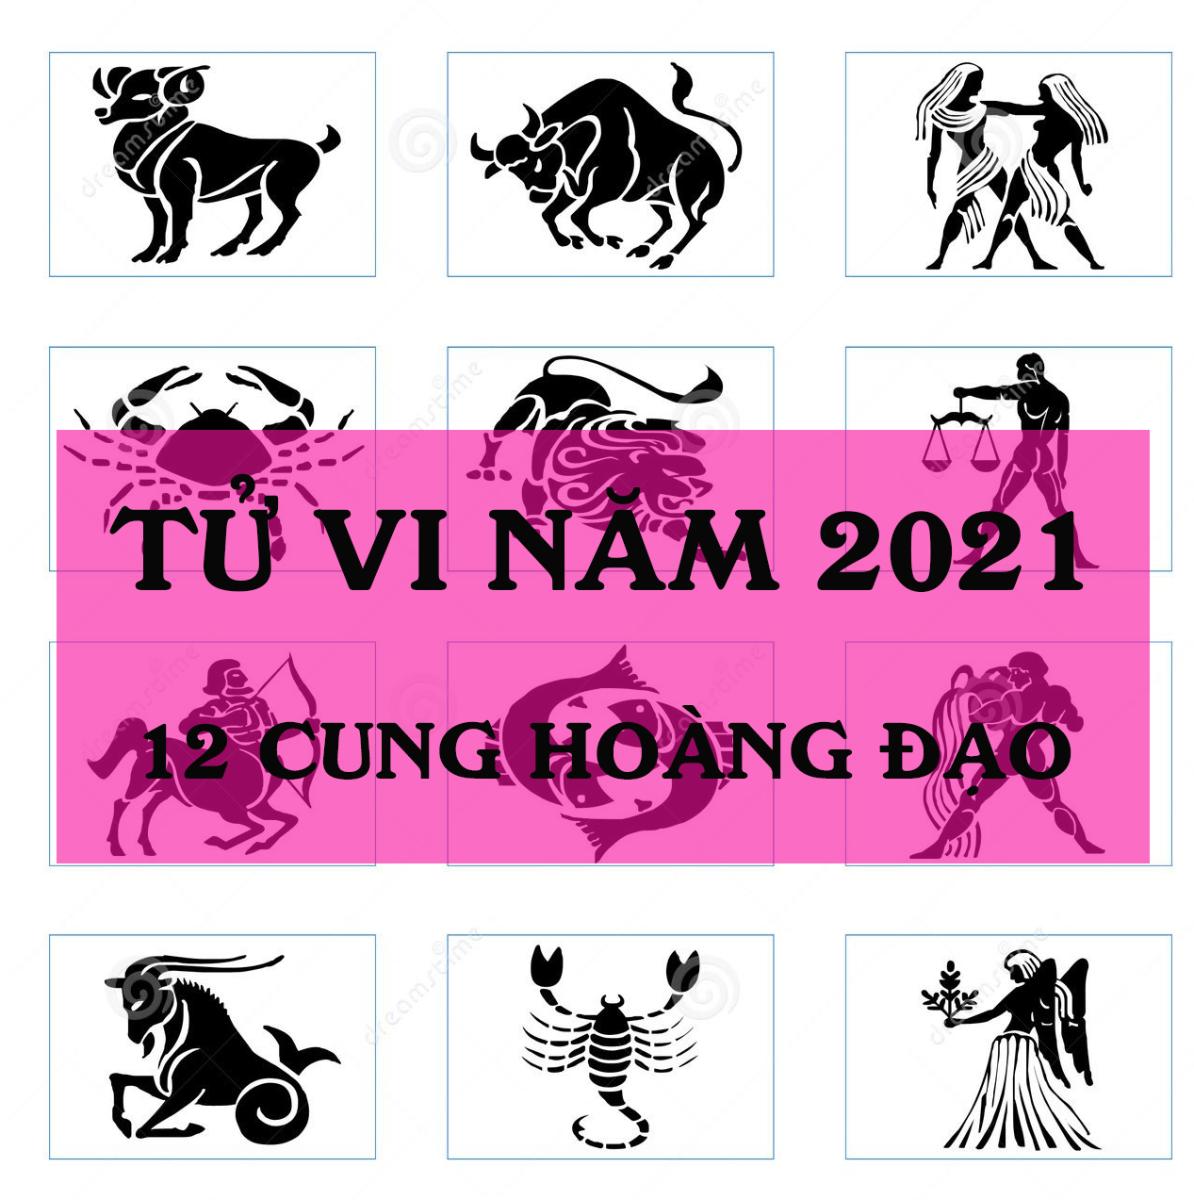 Tử Vi Năm 2021 của 12 Cung Hoàng Đạo